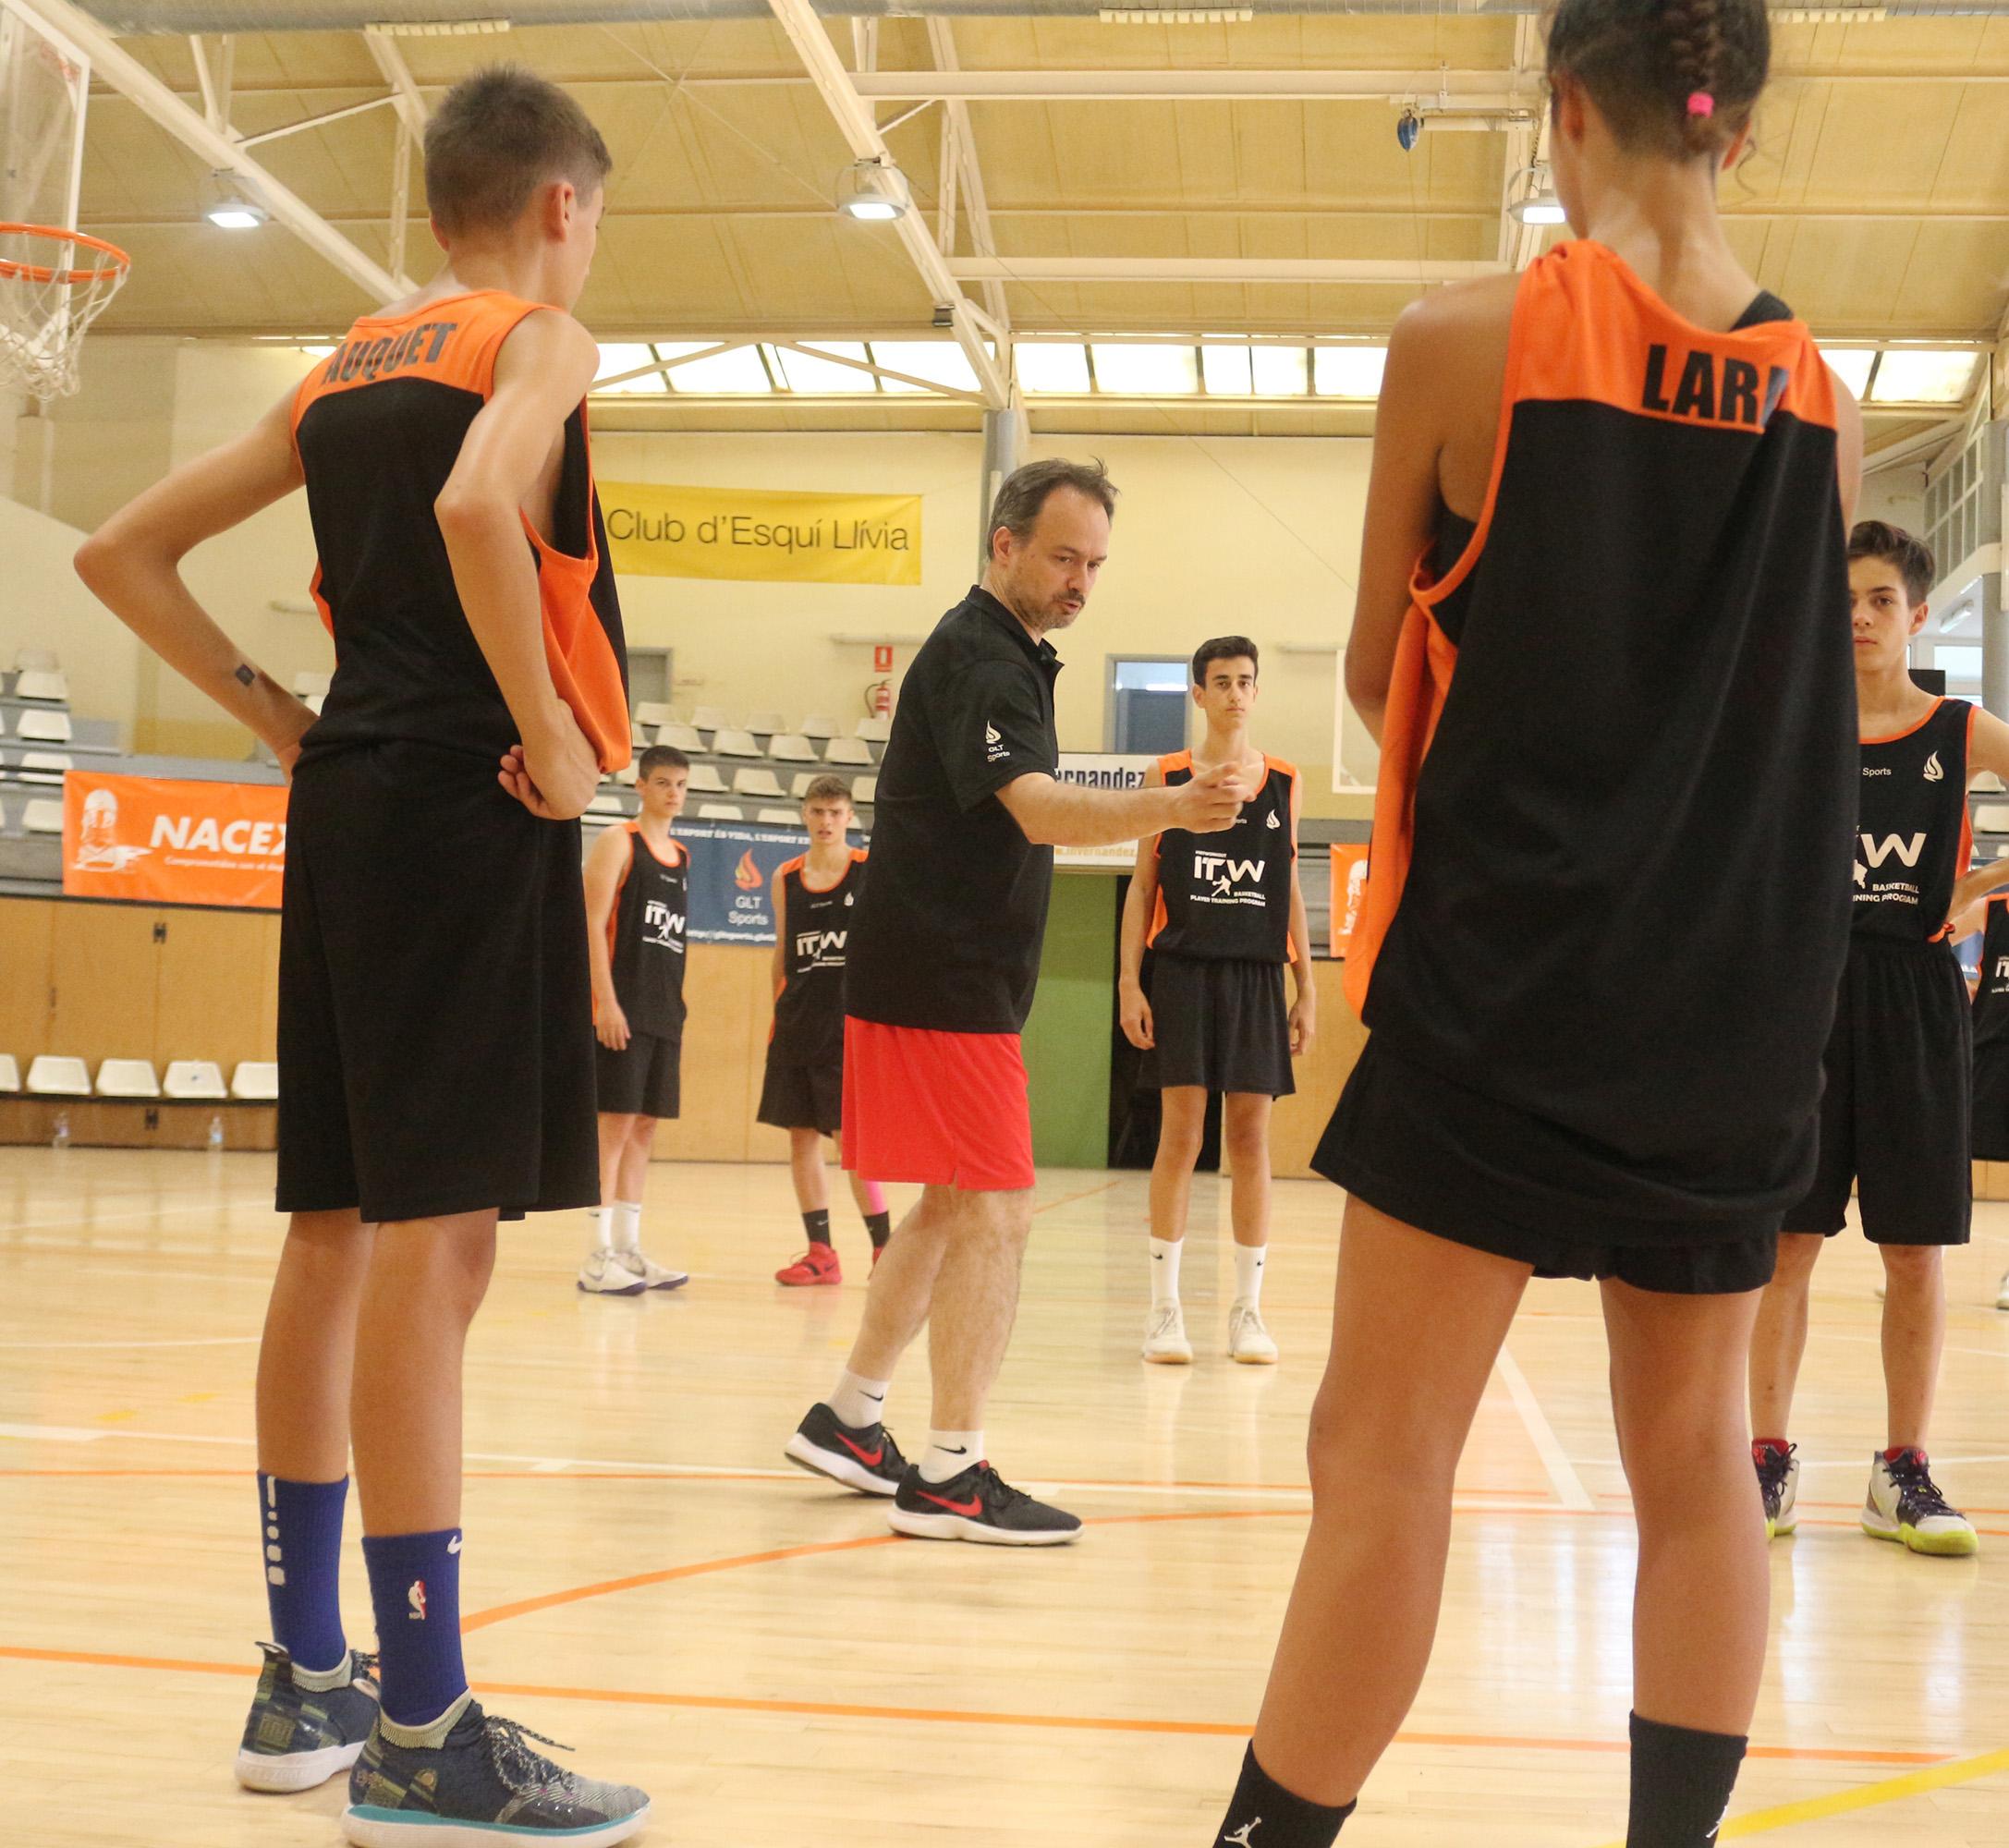 entrenador baloncesto barcelona